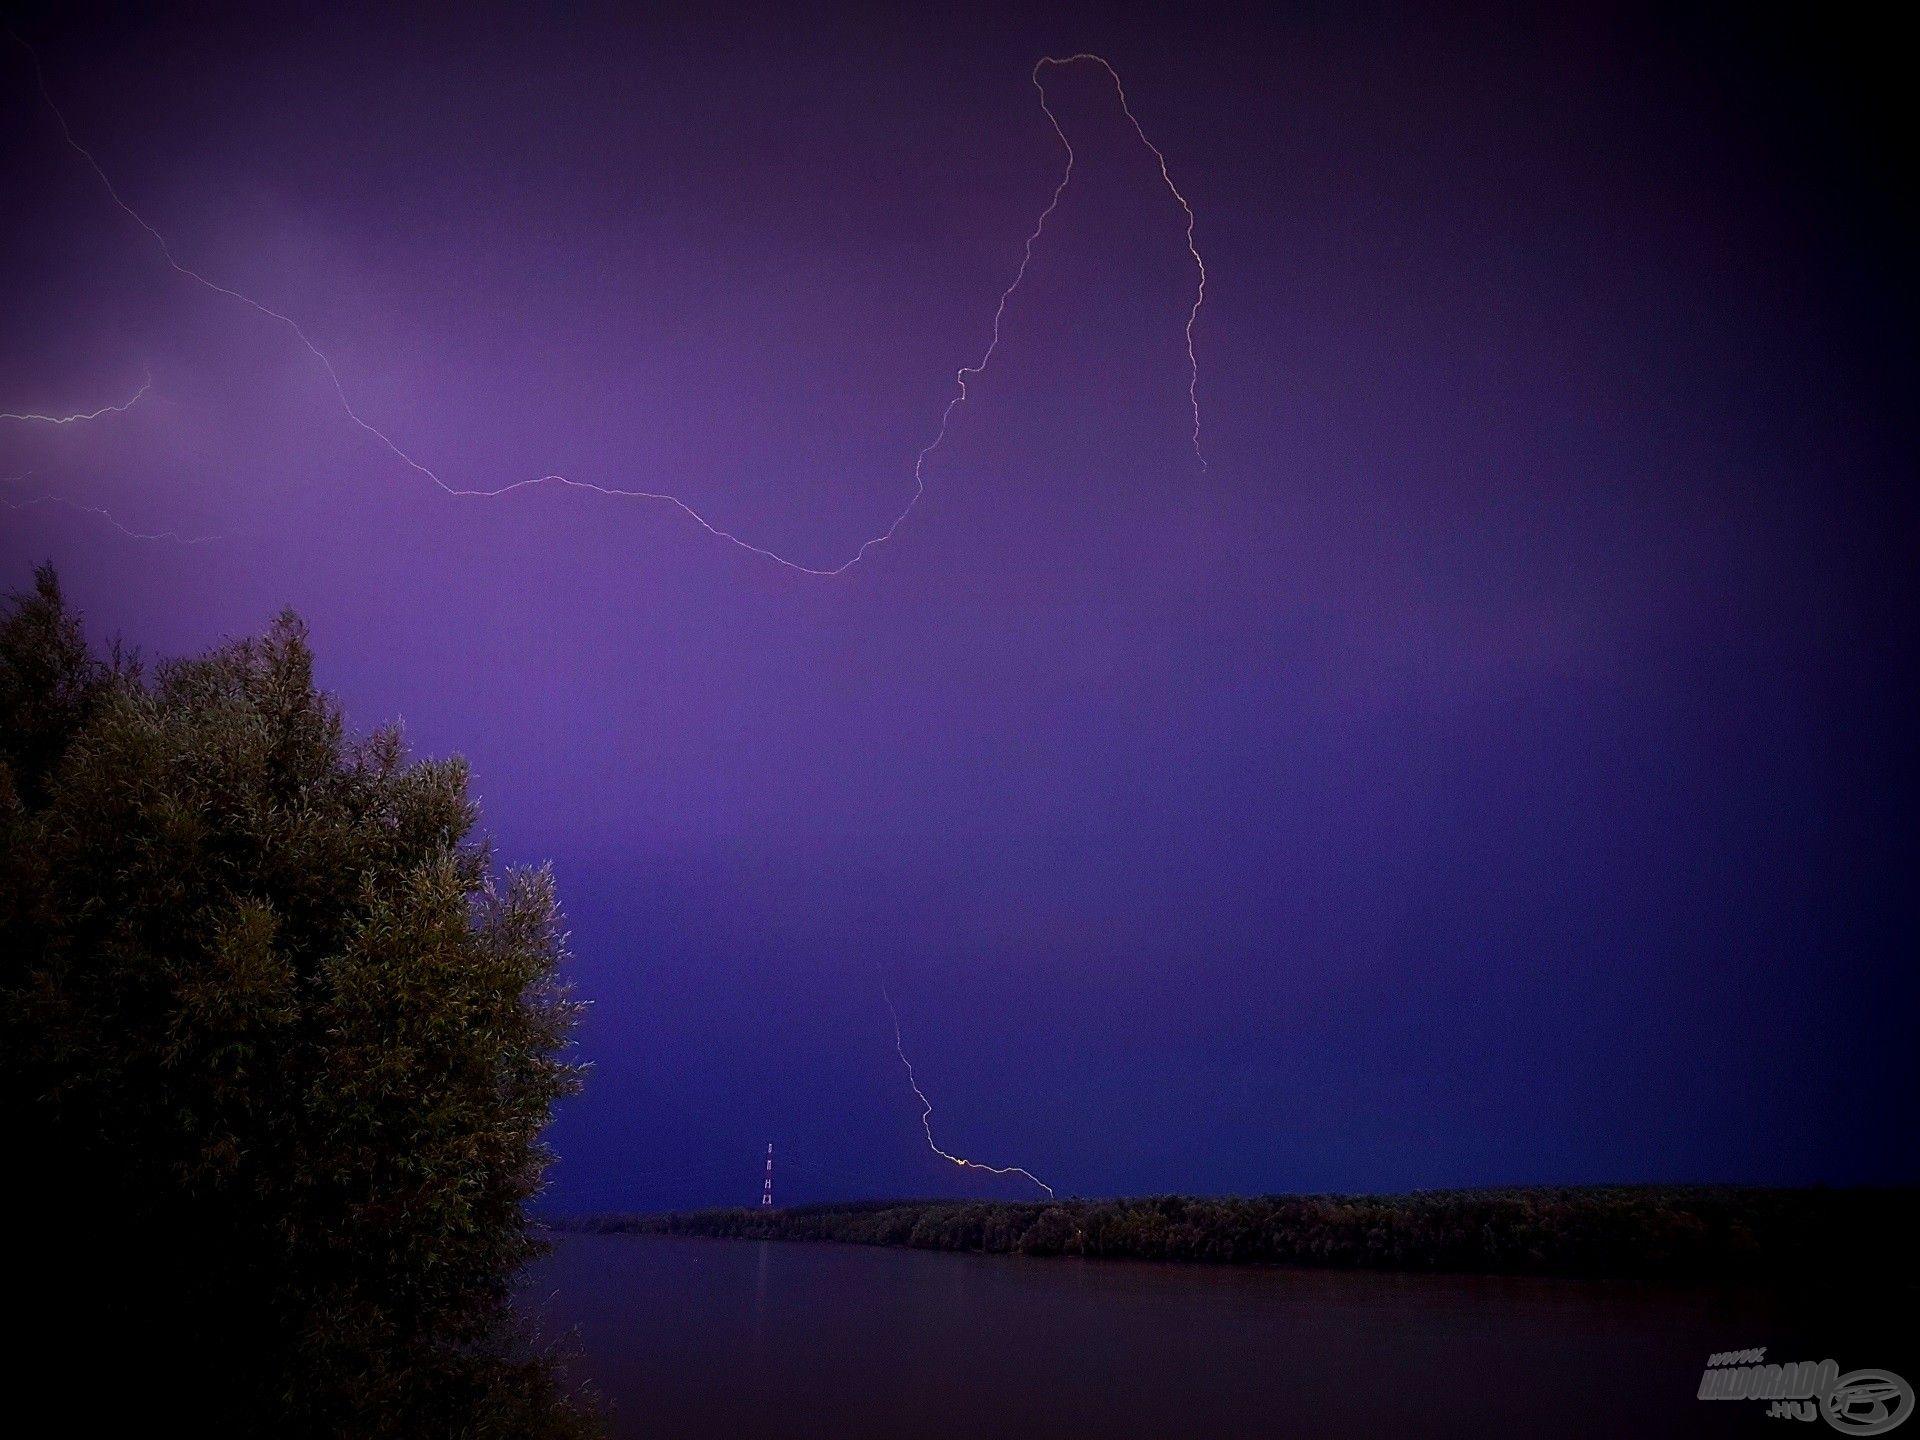 A cikázó villámok fényjátéka rendkívül látványos, de komoly veszélyt jelent